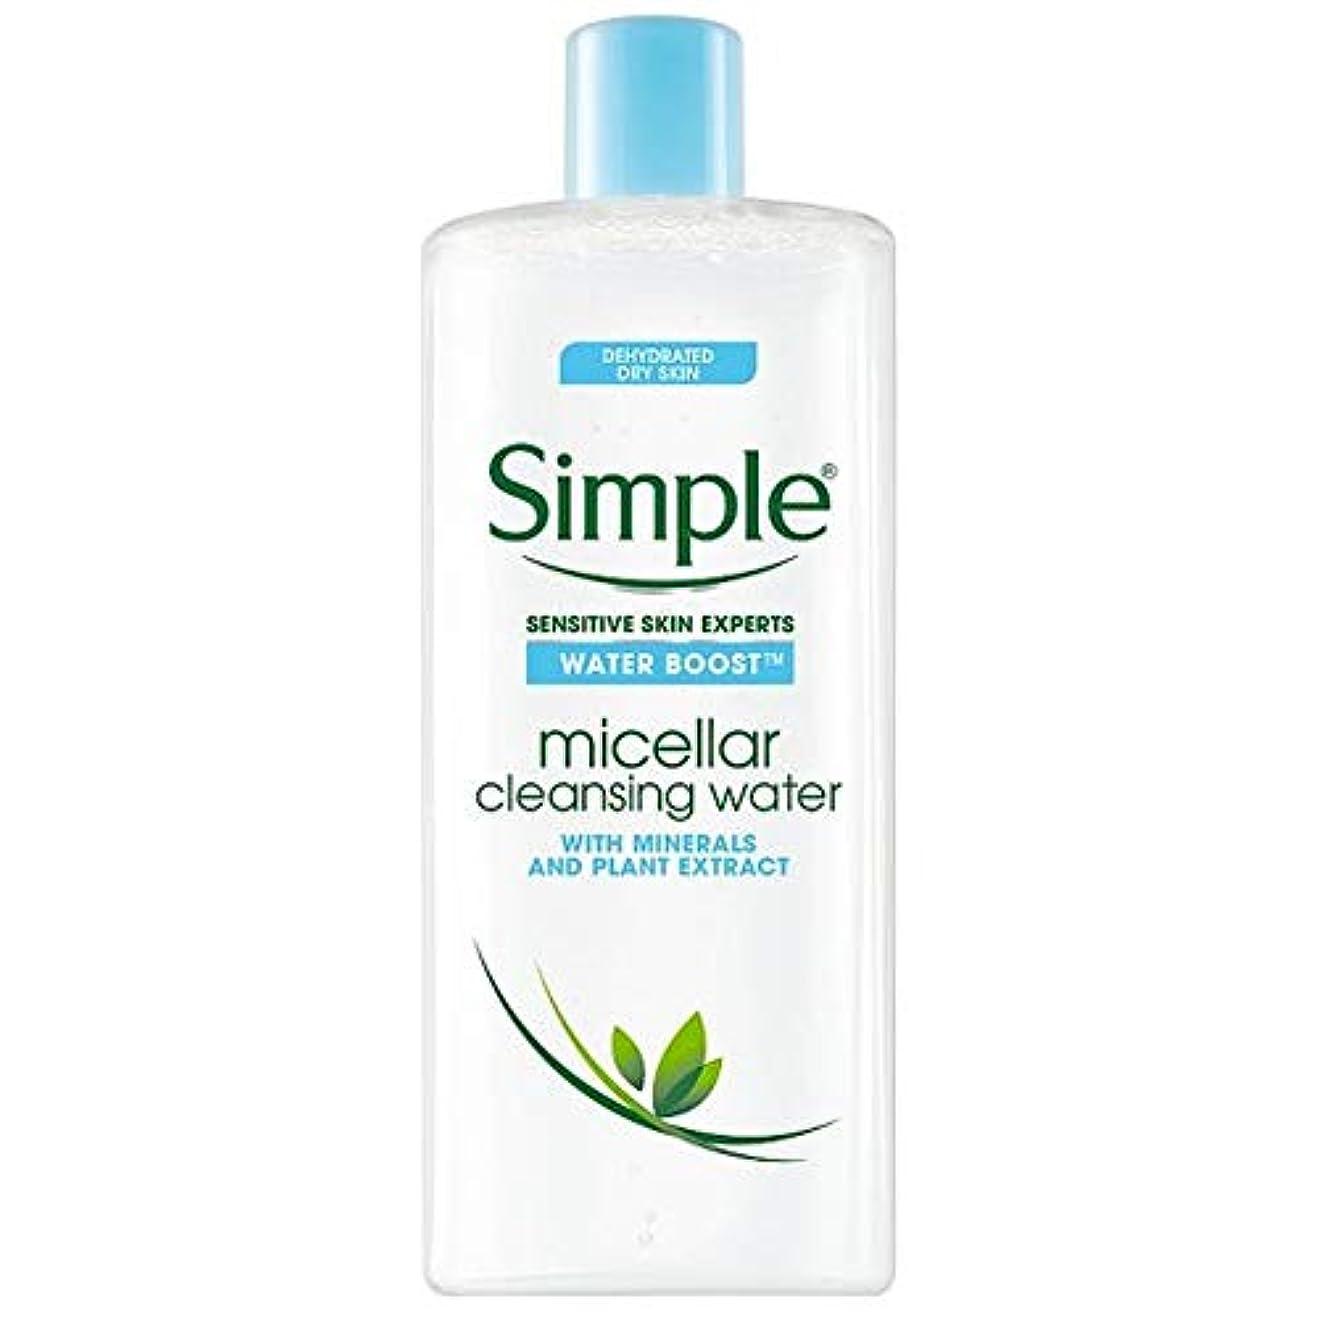 収束ストレージ亜熱帯[Simple] シンプルな水ブーストミセル洗浄水400ミリリットル - Simple Water Boost Micellar Cleansing Water 400Ml [並行輸入品]